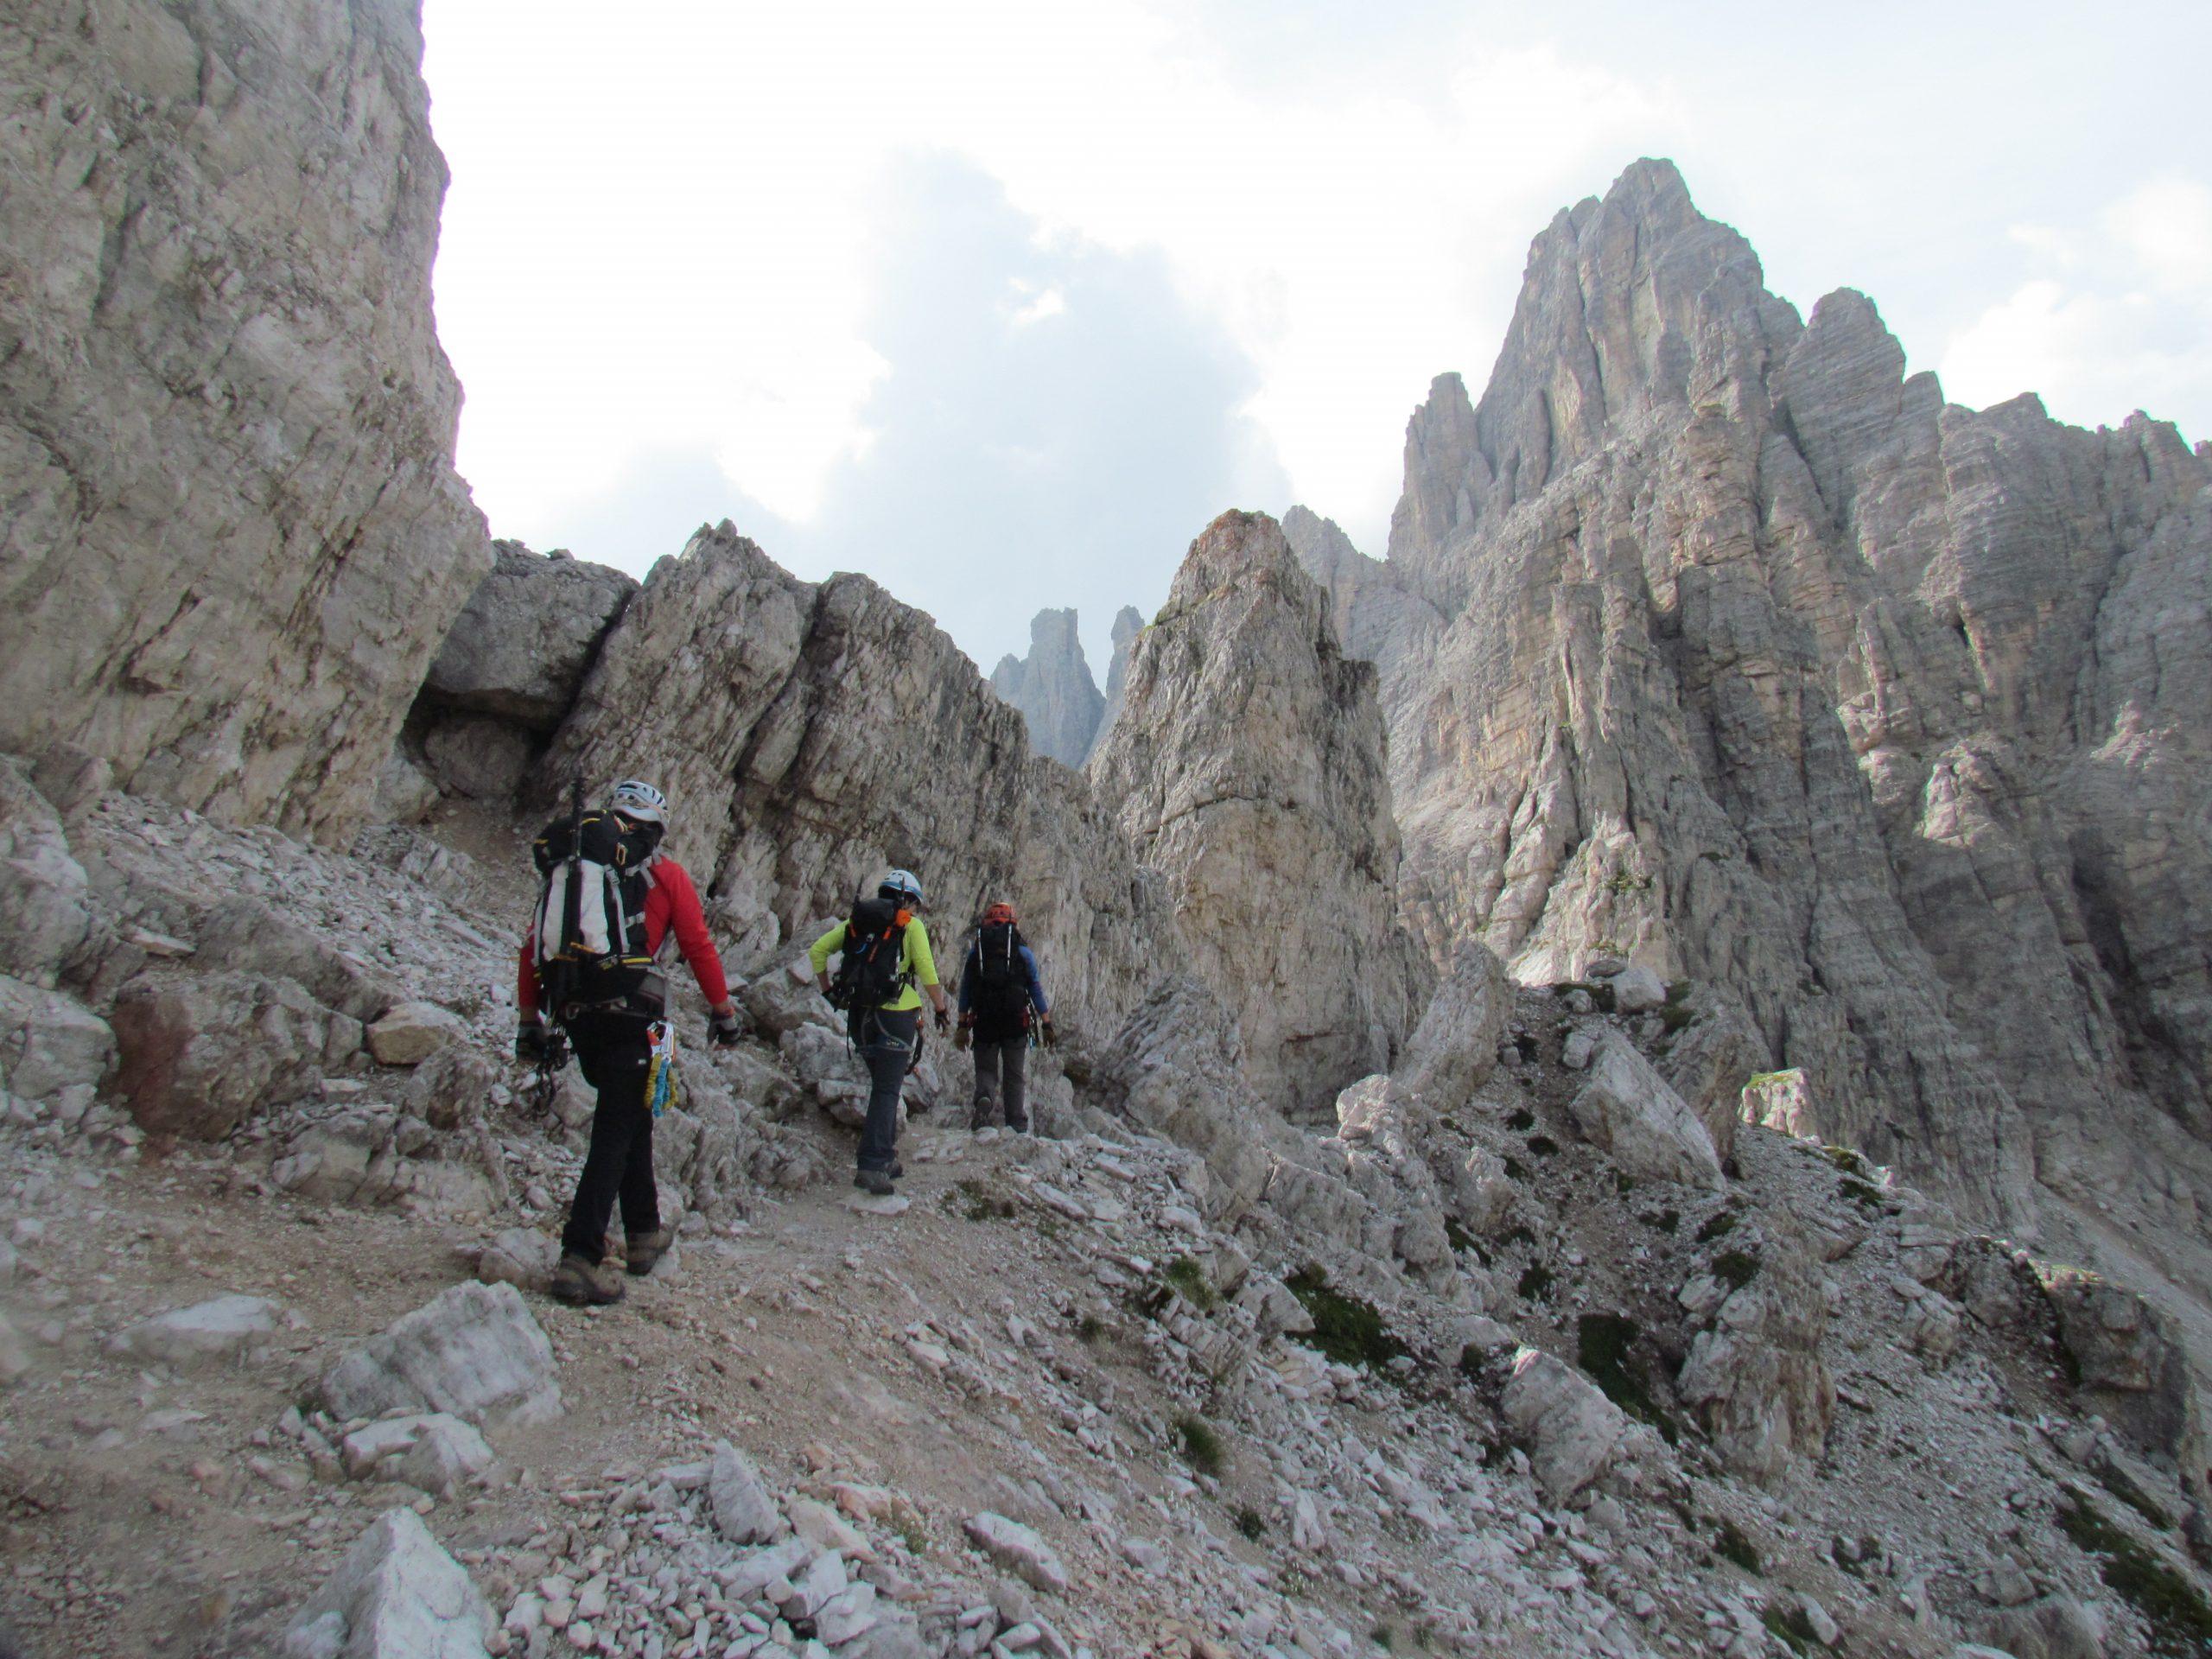 Dolomitas.Marmolada. Ferratas y trekking en los Alpes Italianos